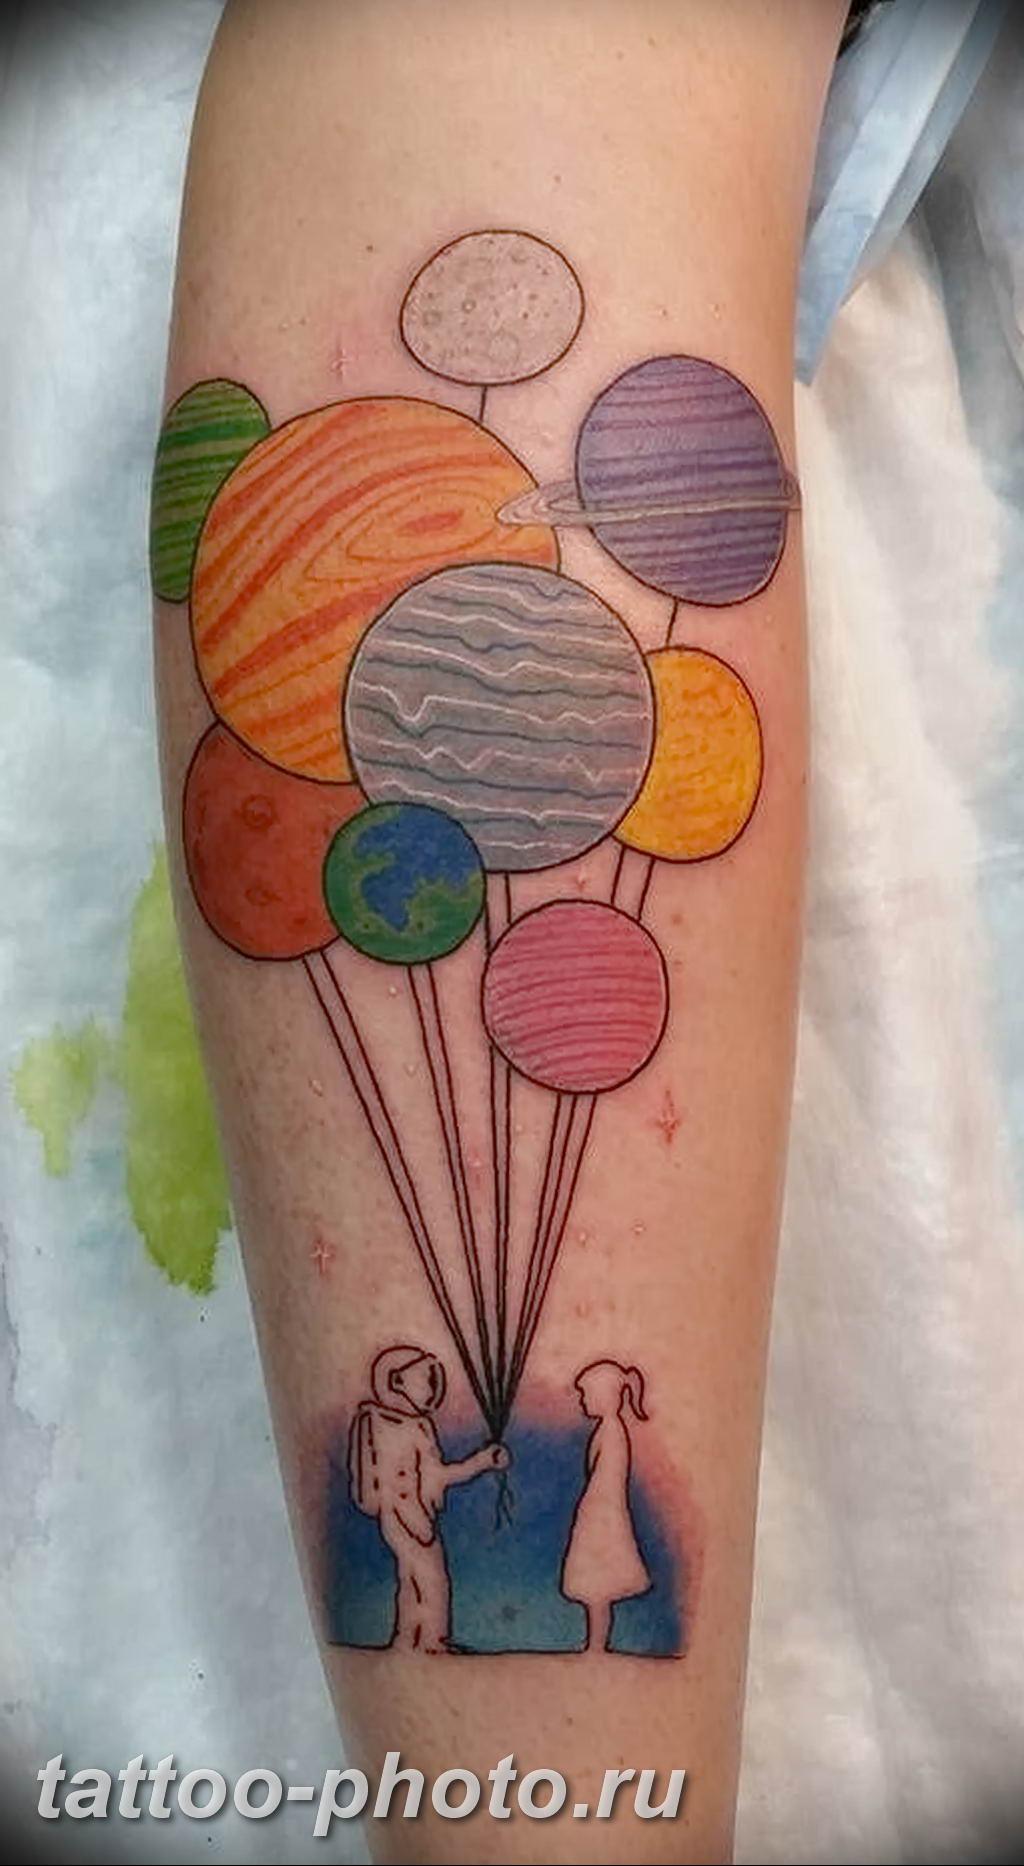 конце картинки тату с воздушными шариками снимках детали